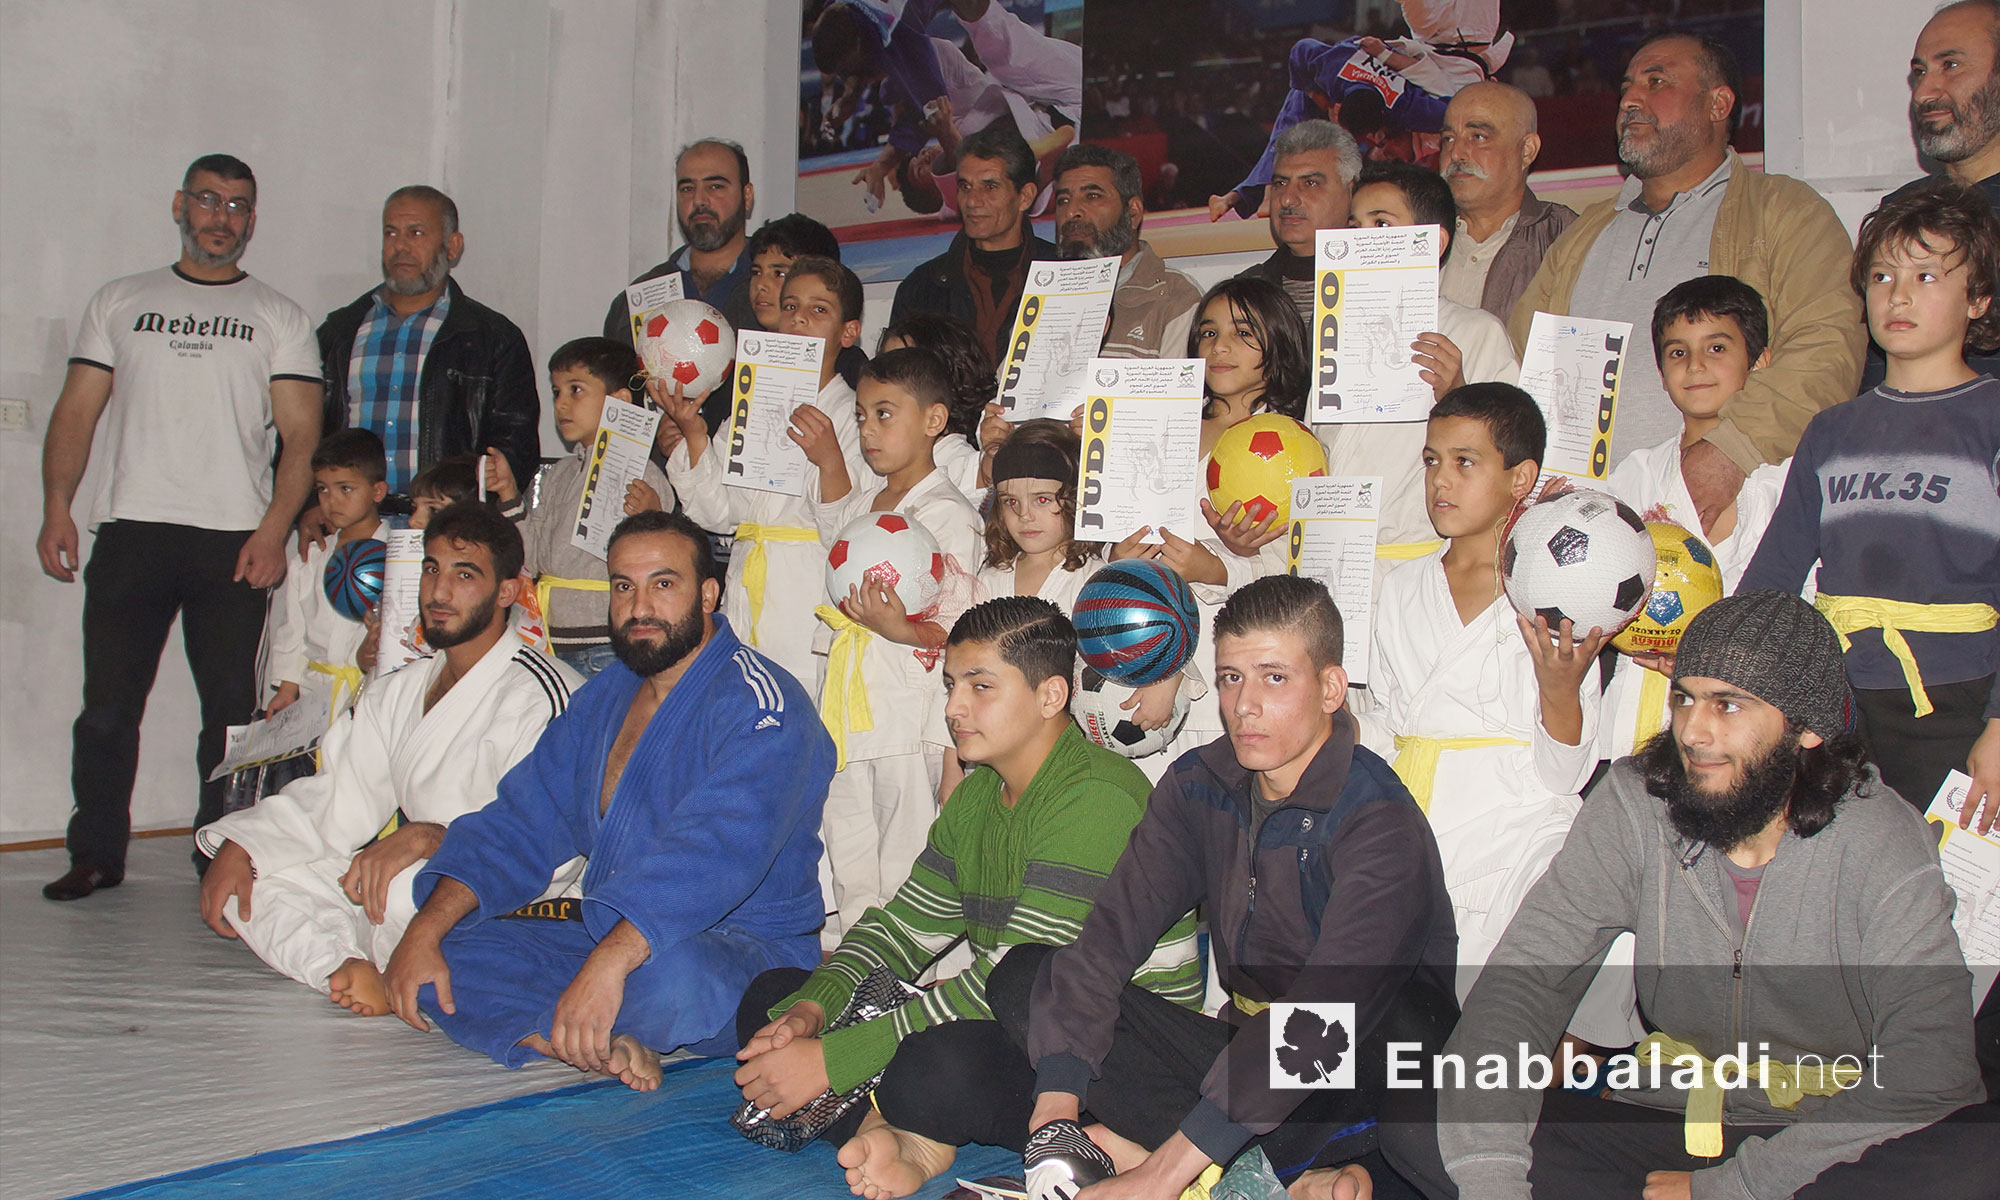 تكريم الفائزين بالمستوى الأول للحزام الأصفر في نادي الجودو بمدينة إدلب 13 تشرين الثاني 2017 (عنب بلدي)